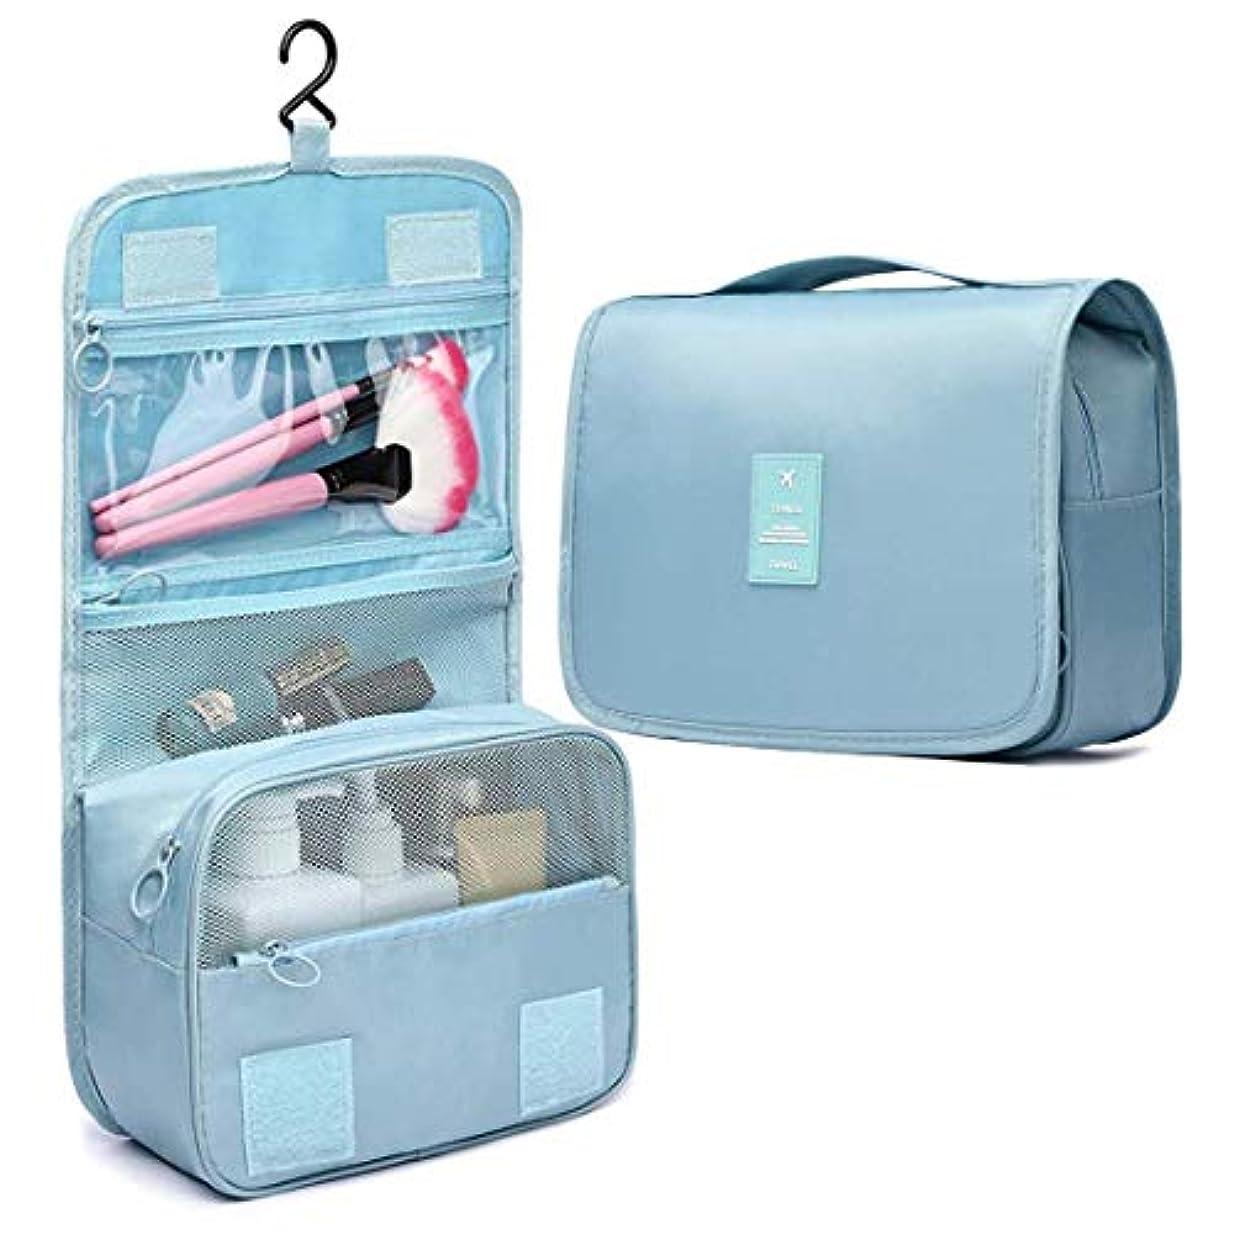 合体将来のバレーボール化粧品袋、ウォッシュバッグ、トラベルバッグ、洗顔、収納、浴室収納バッグ、ぶら下げ、小物、収納、パッキングバッグ、旅行、海外、旅行用品、育児用品